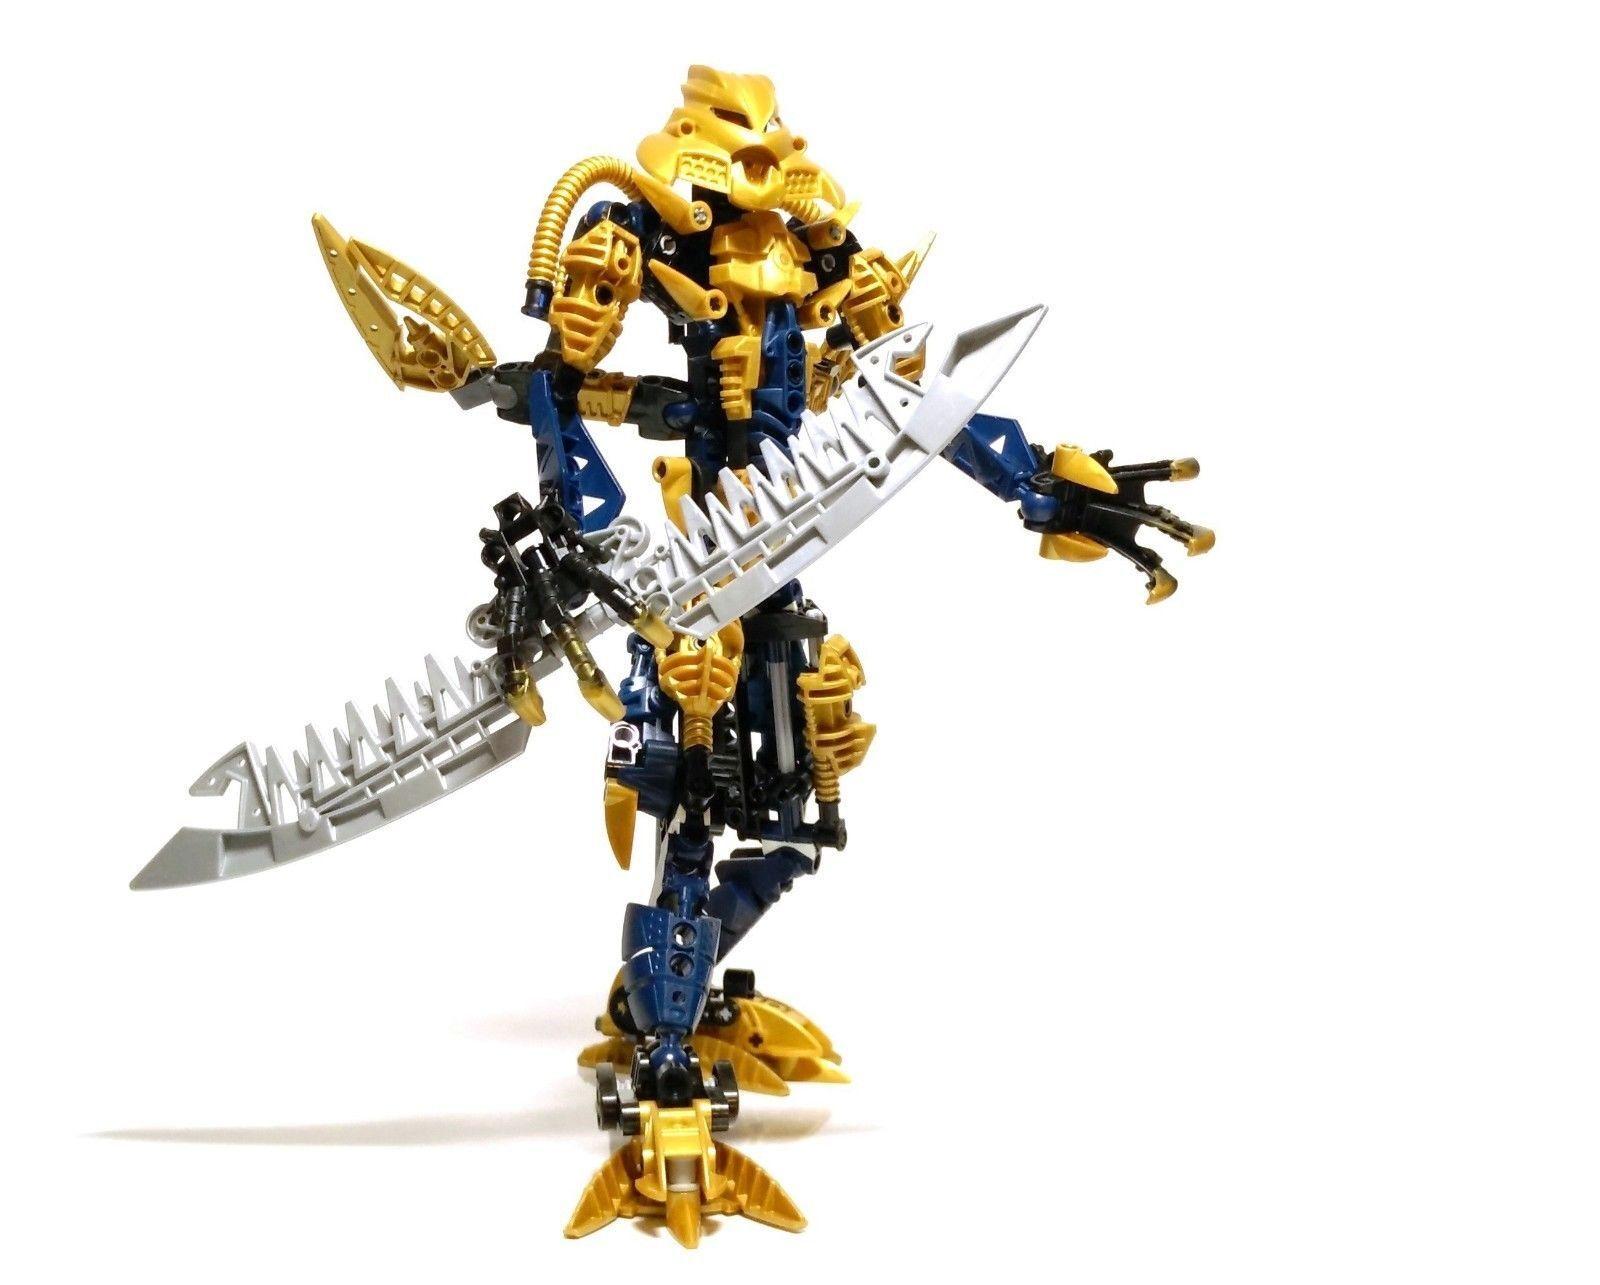 Lego Bionicle8734 Brutaka (100% complete)